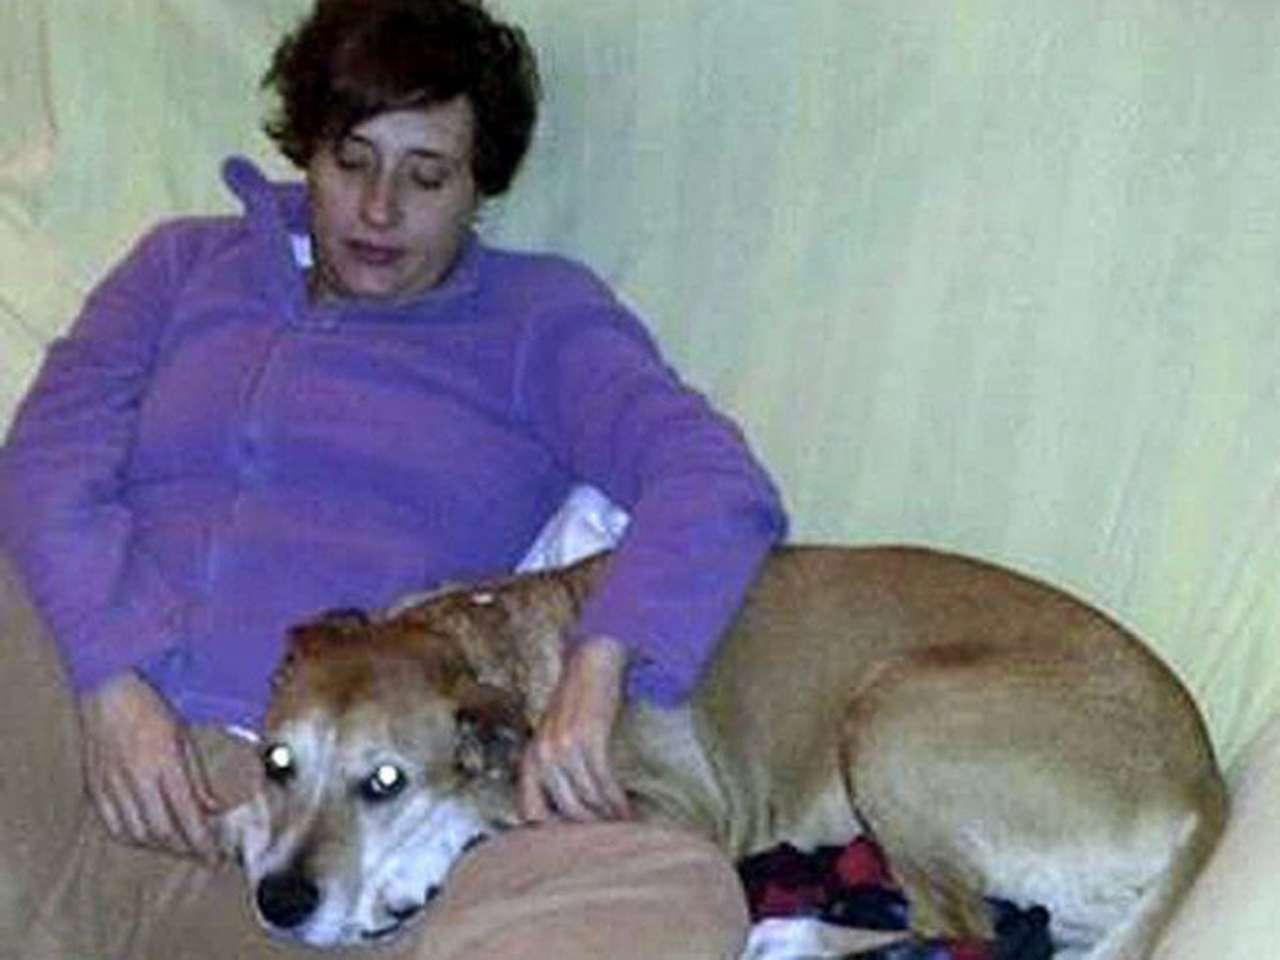 Teresa Romero, la auxiliar de enfermería infectada de ébola, posa con su perro Excalibur. El marido de la auxiliar, Javier Limón, también permanece en aislamiento en el Hospital Carlos III de Madrid Foto: EFE